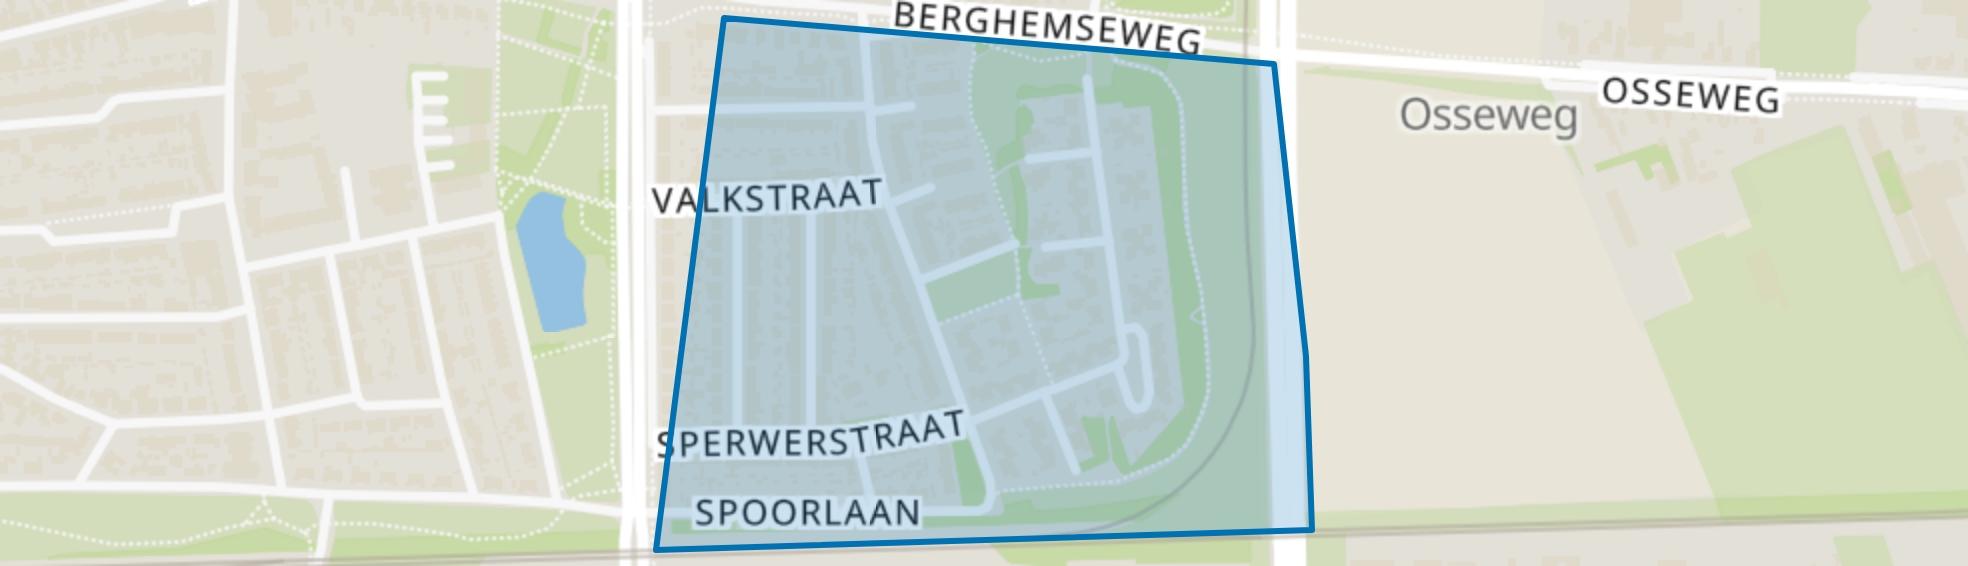 Roofvogelbuurt, Oss map